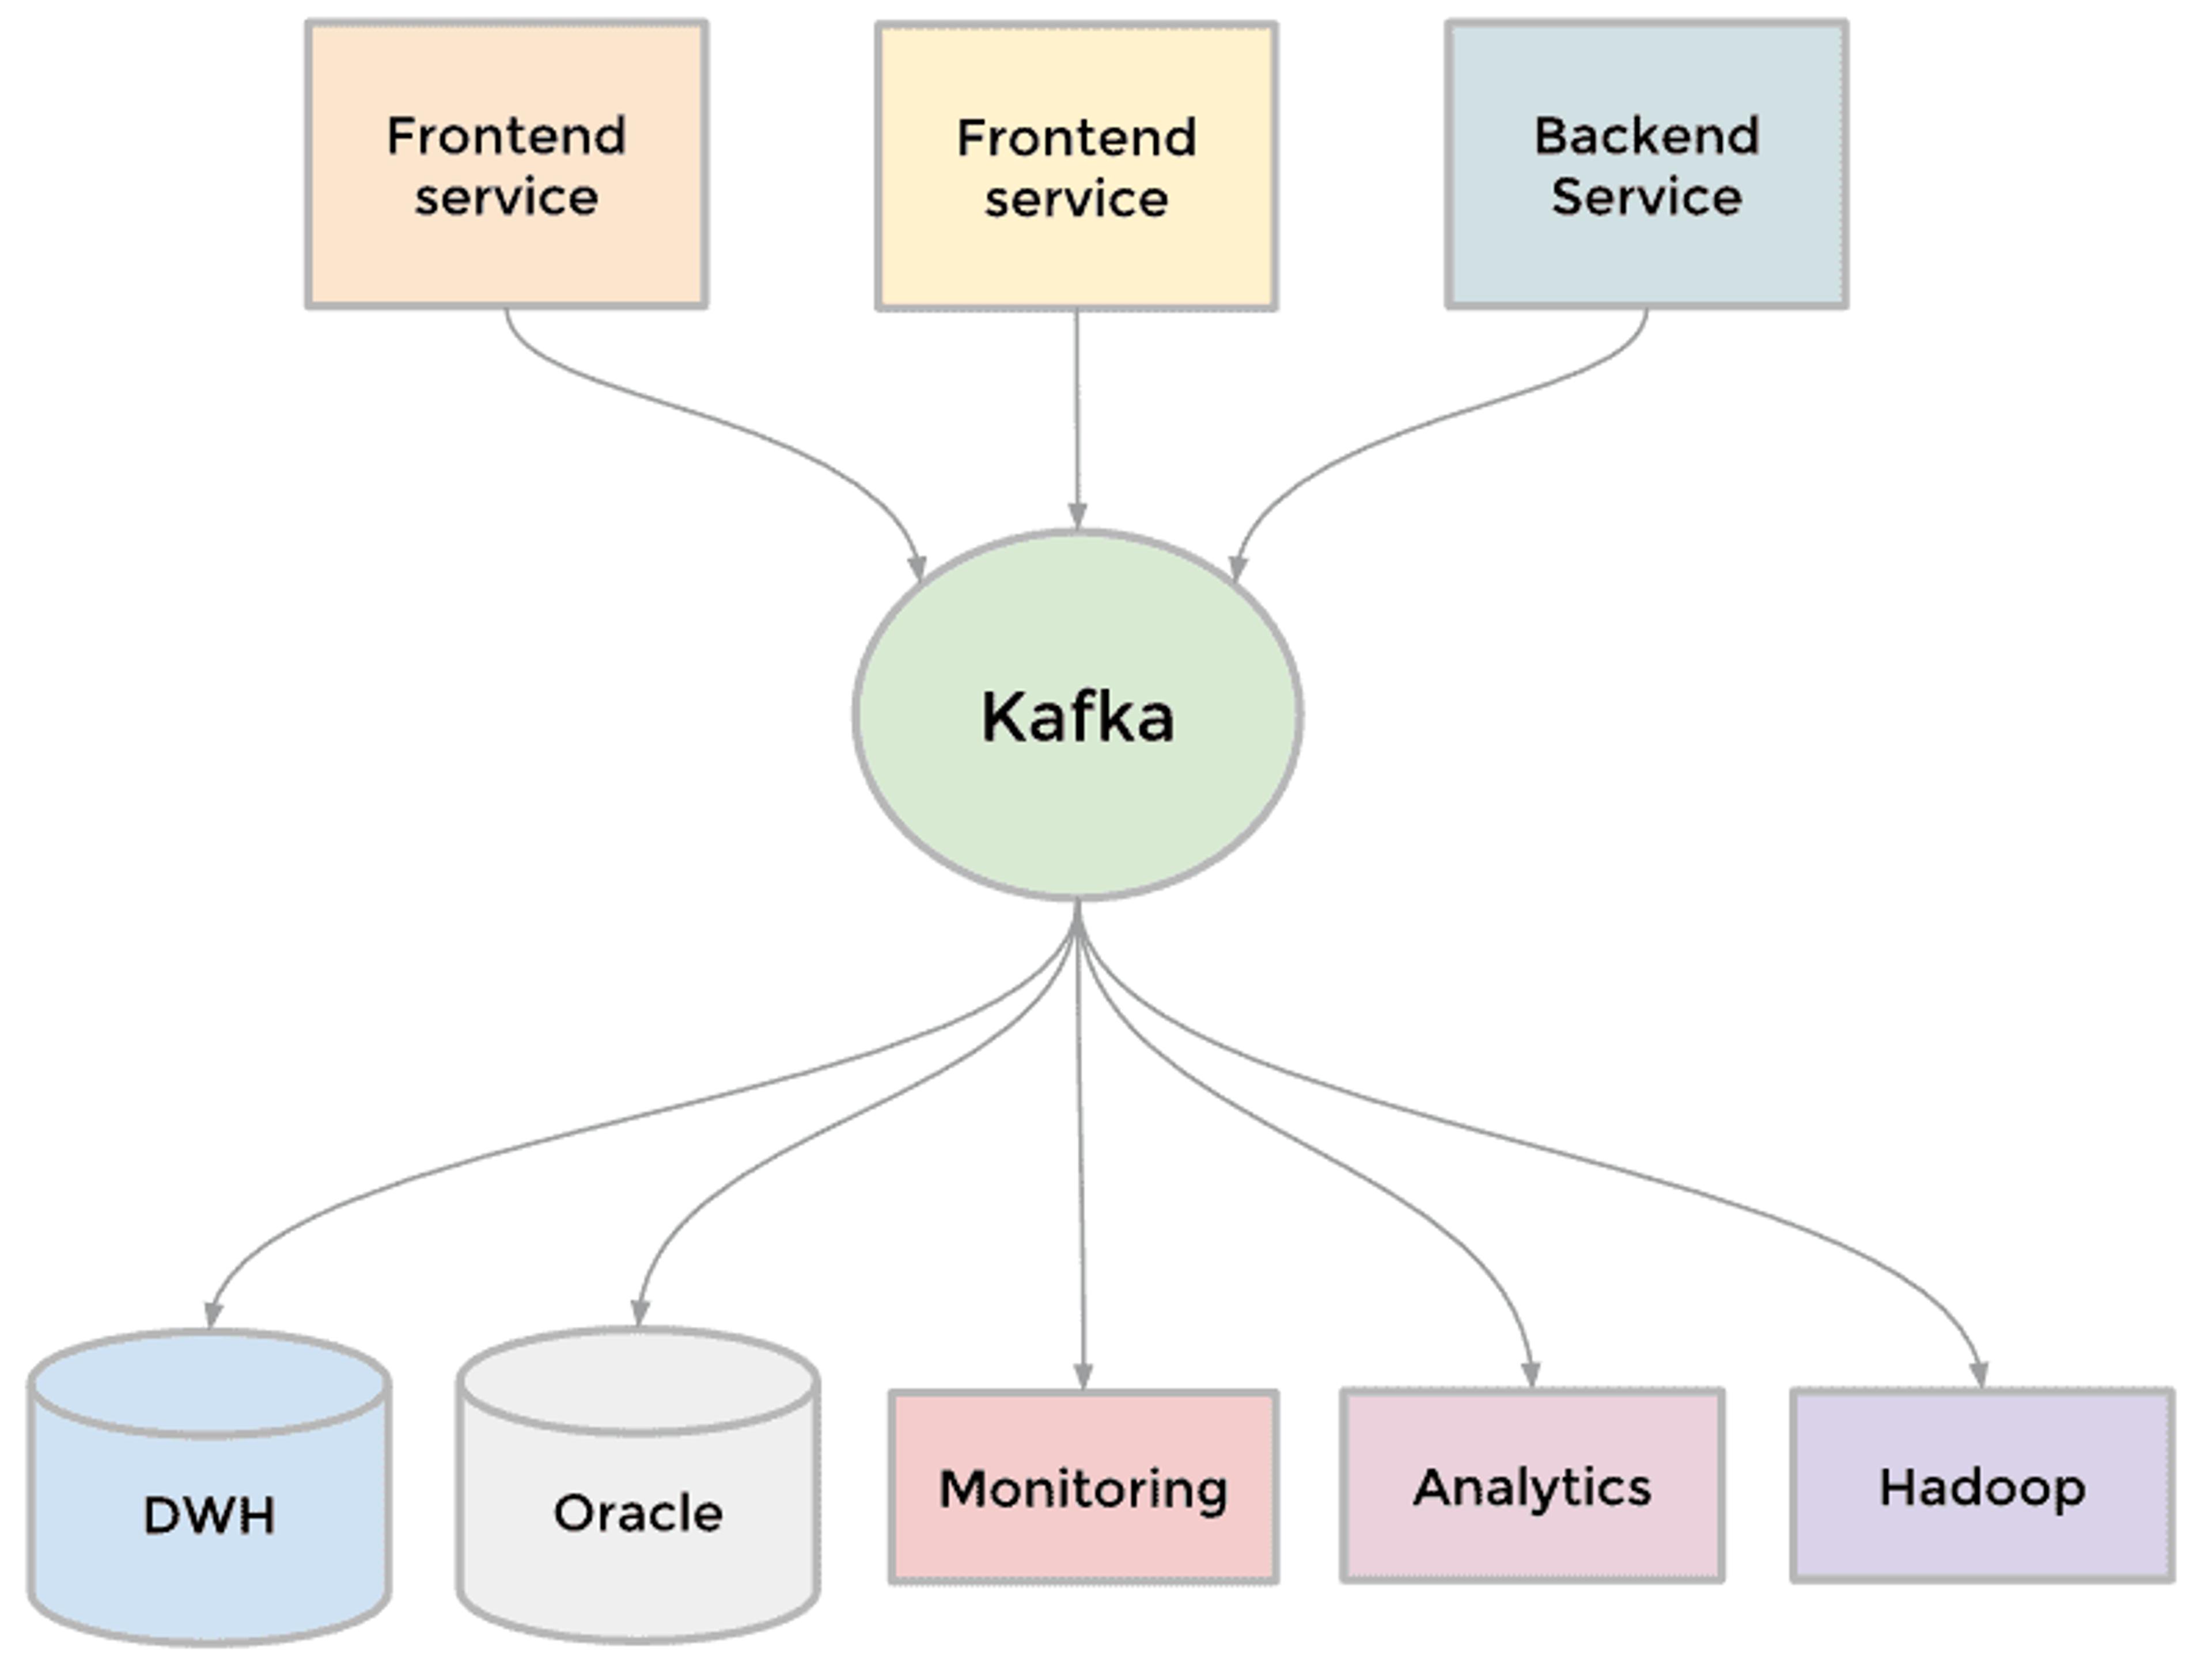 Apache Kafka et les différents services Linkedin